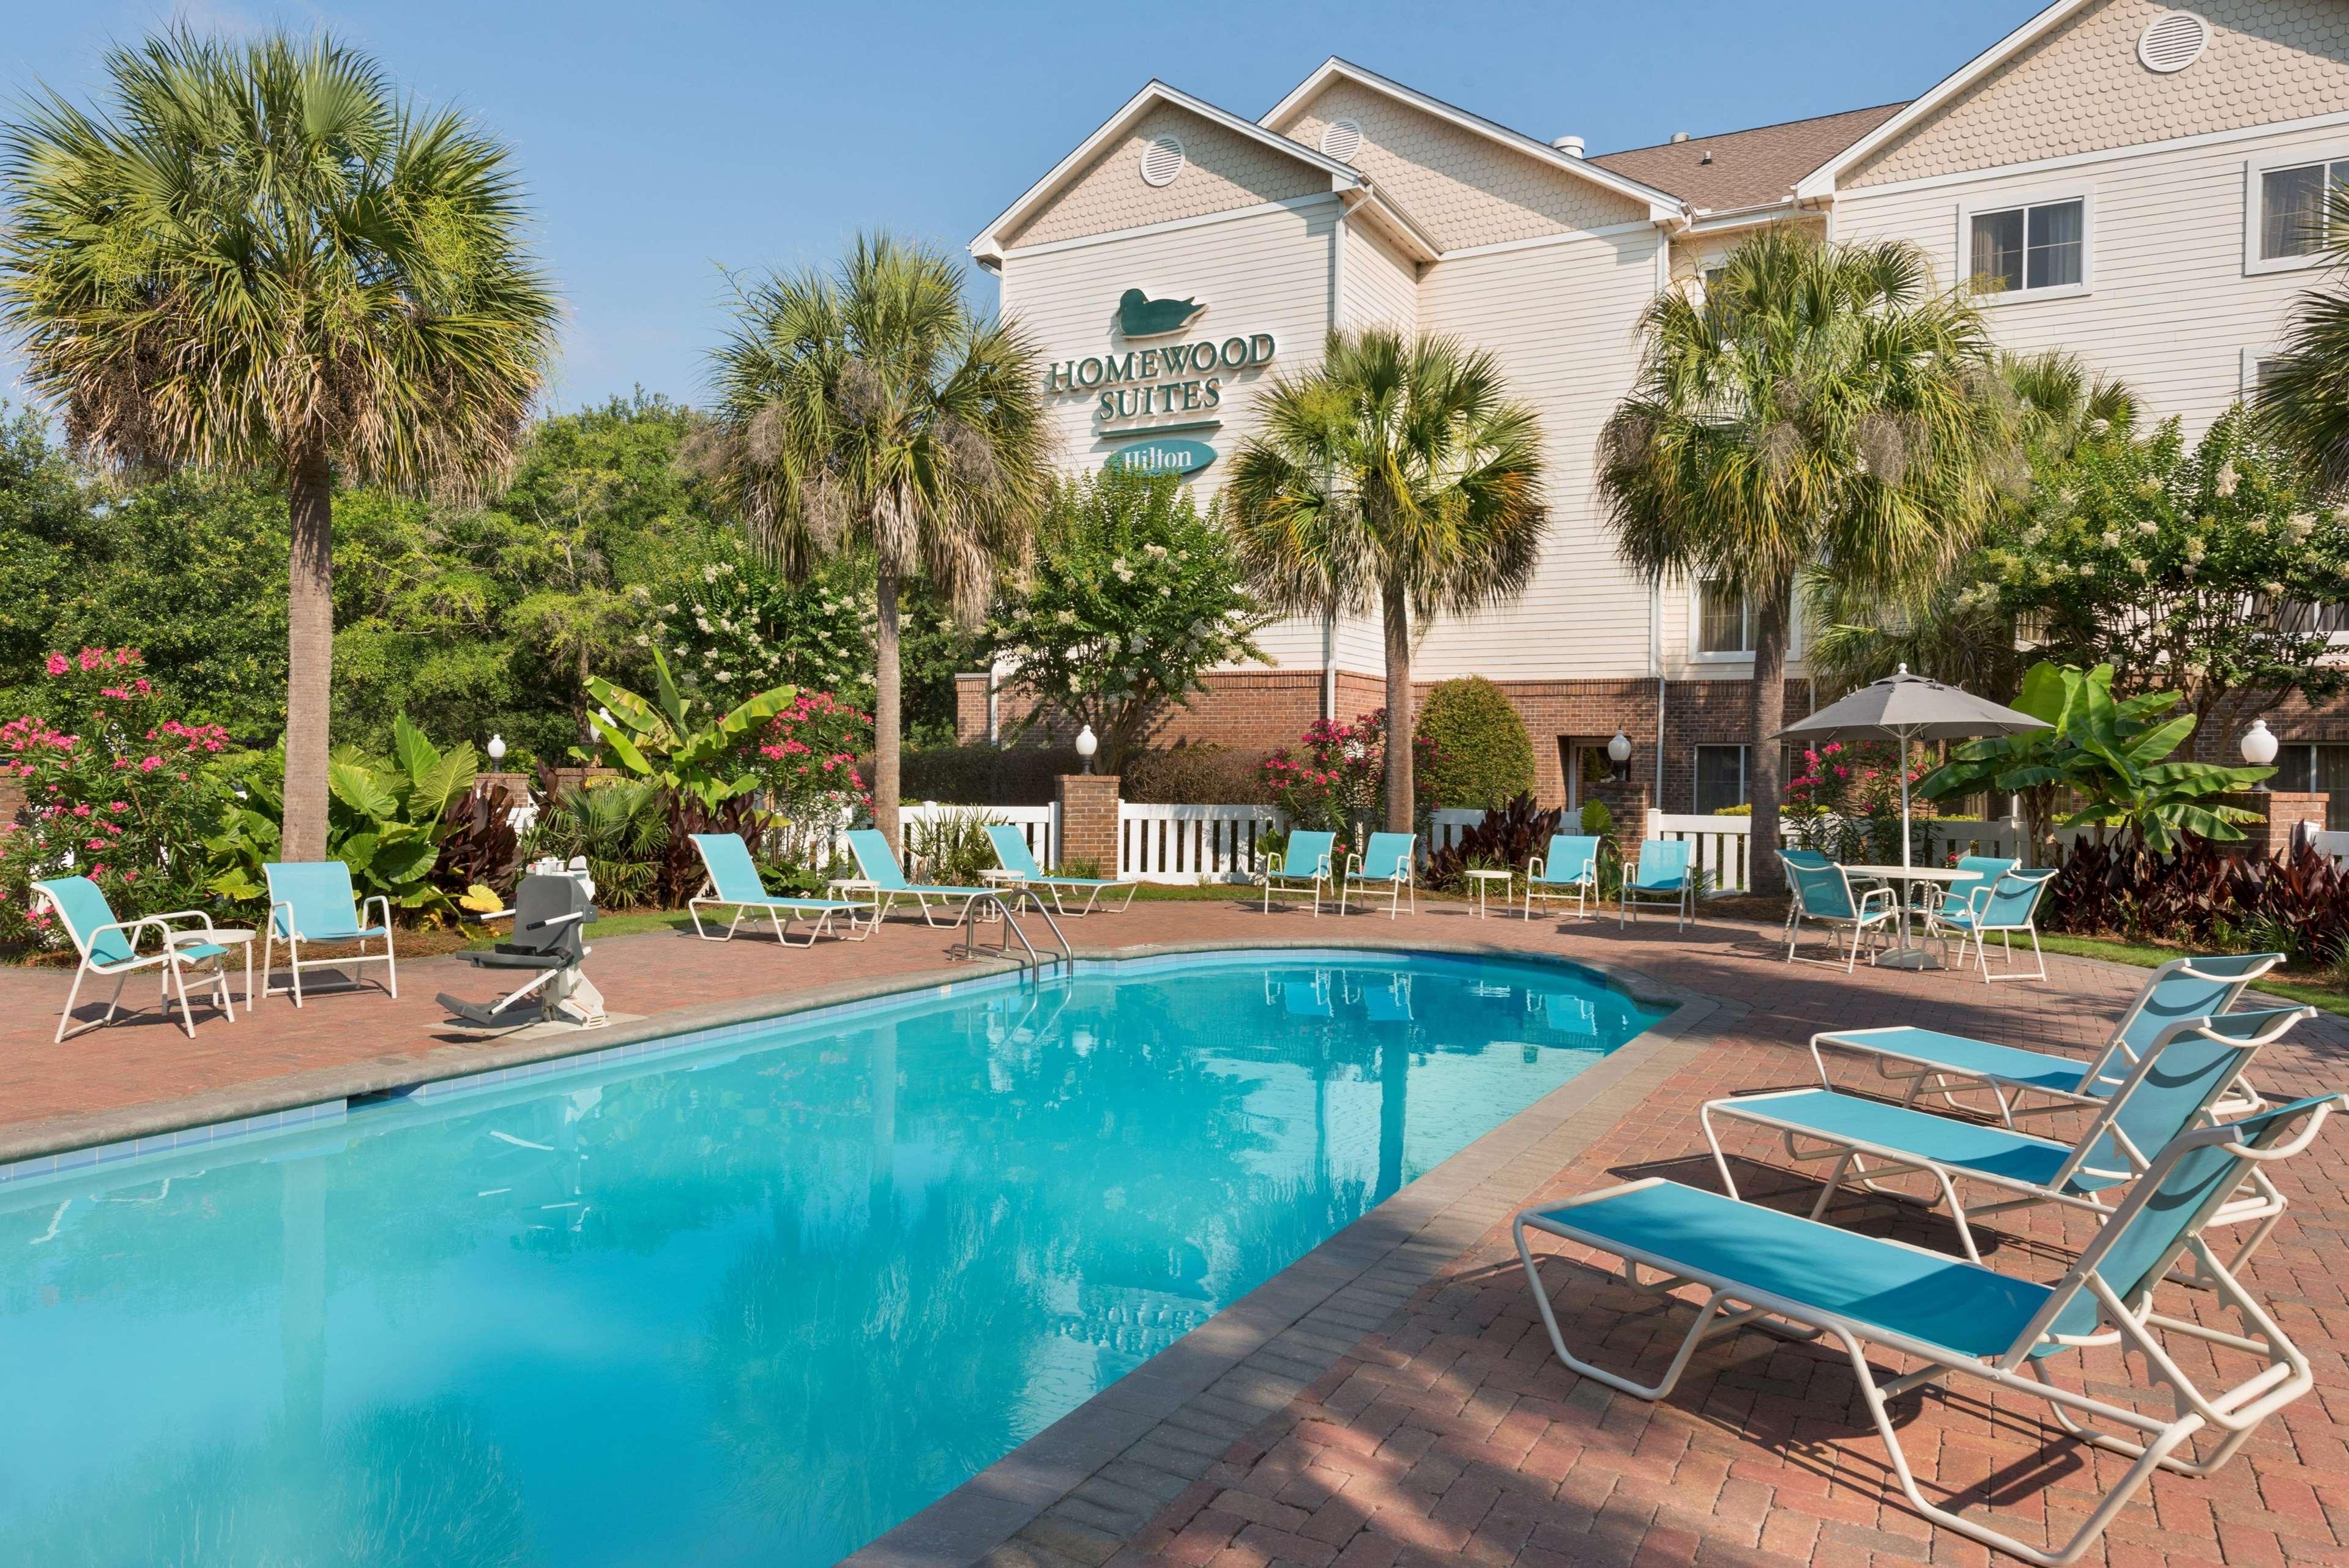 Homewood Suites by Hilton Charleston - Mt. Pleasant image 18